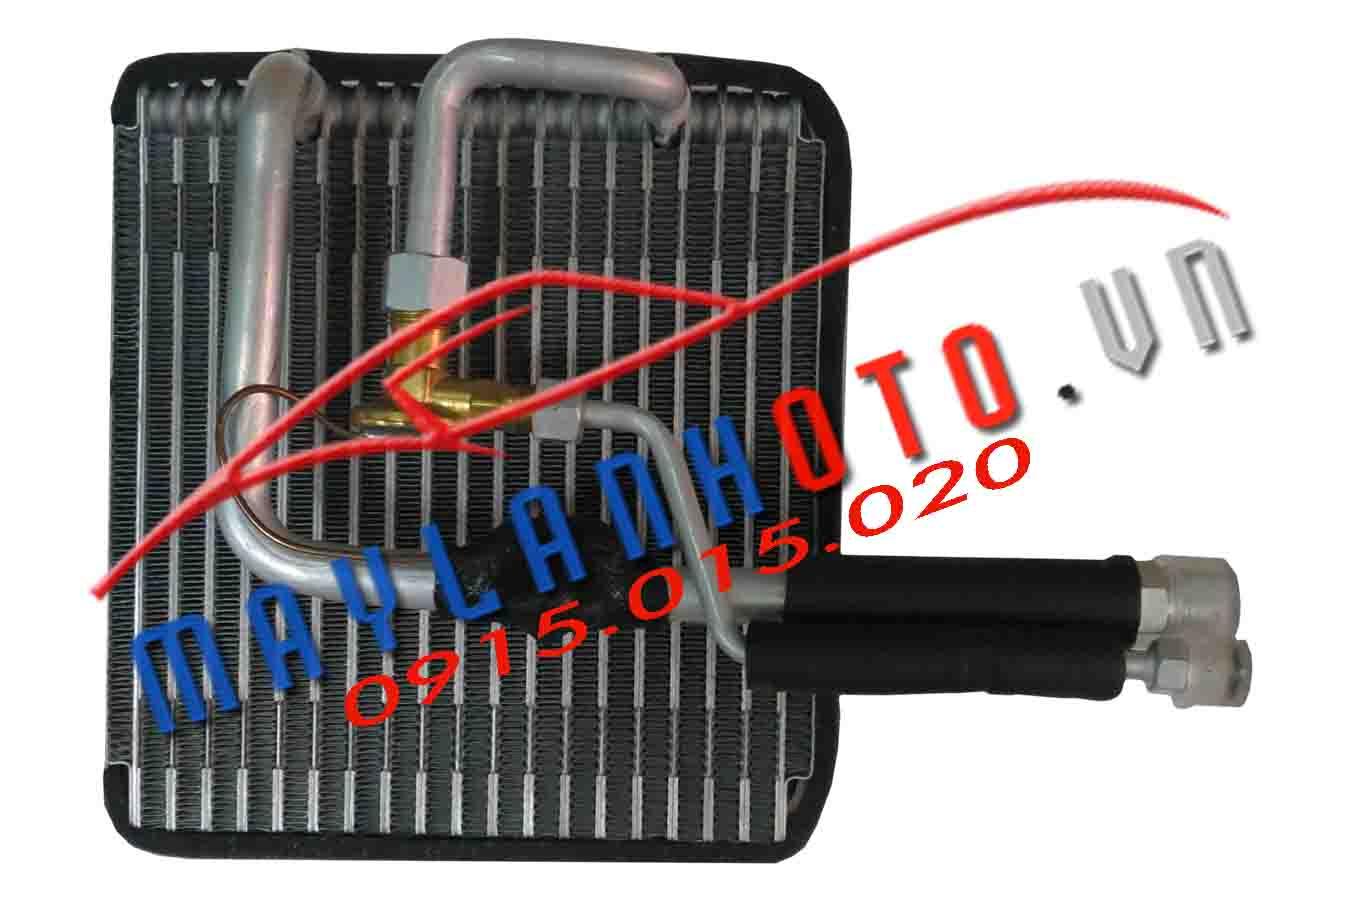 Hyundai 15T 2000 / Dàn lạnh Hyundai 15 tấn 2000 / Giàn lạnh Hyudai 15 tấn 2000